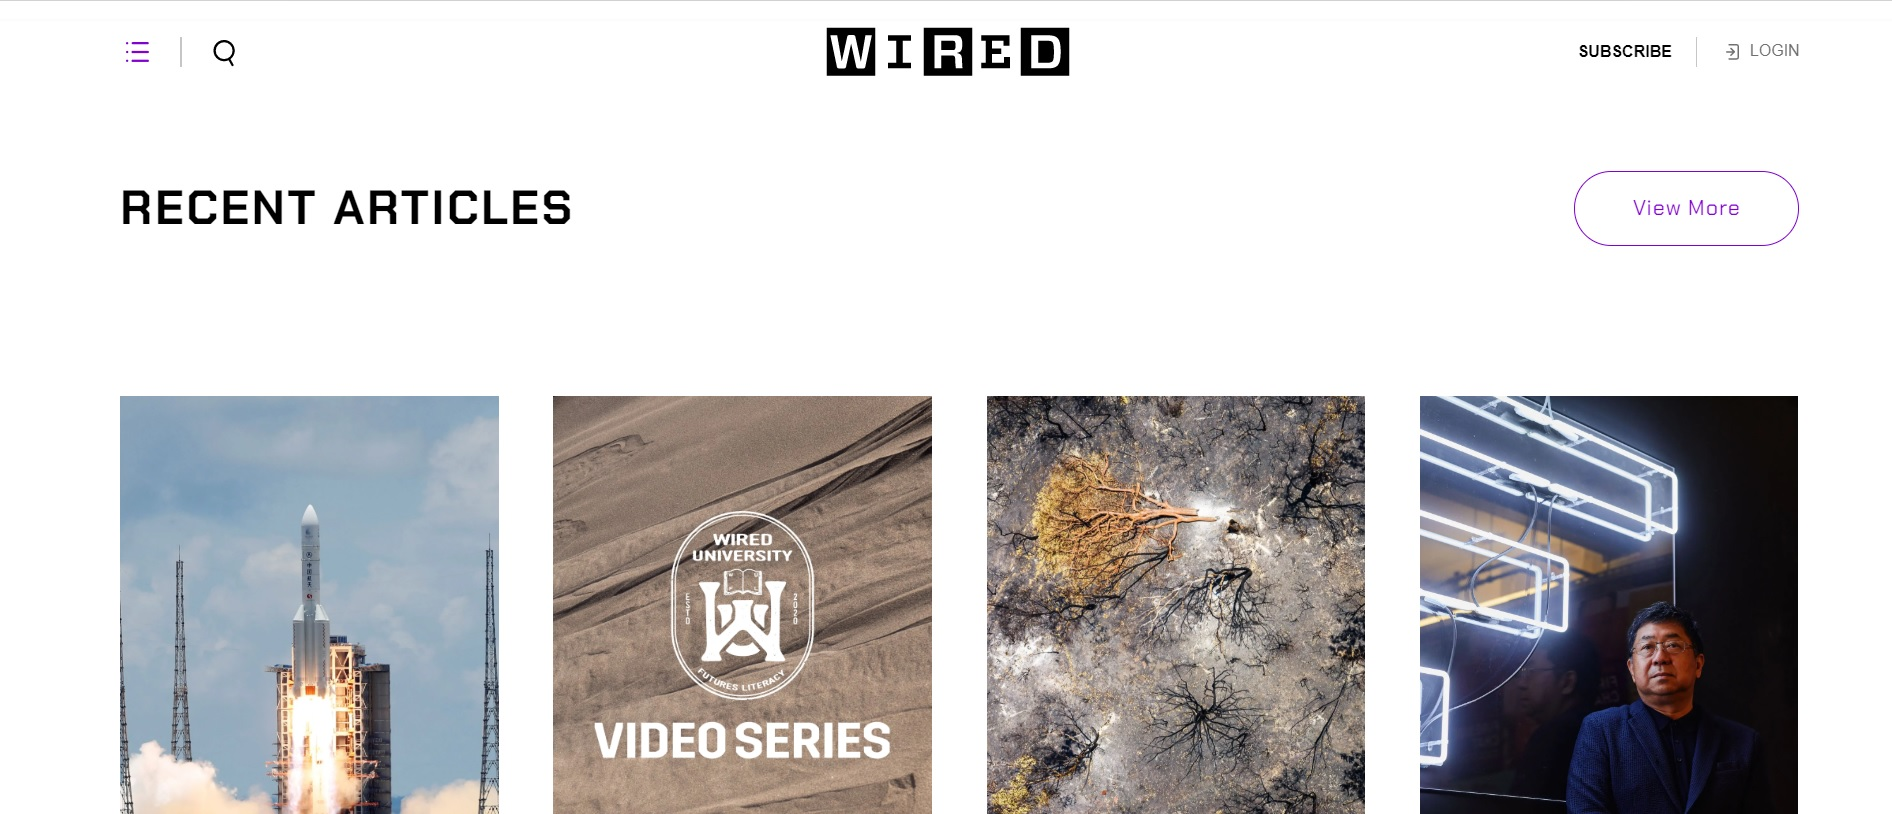 WIREDのTOPページ画像